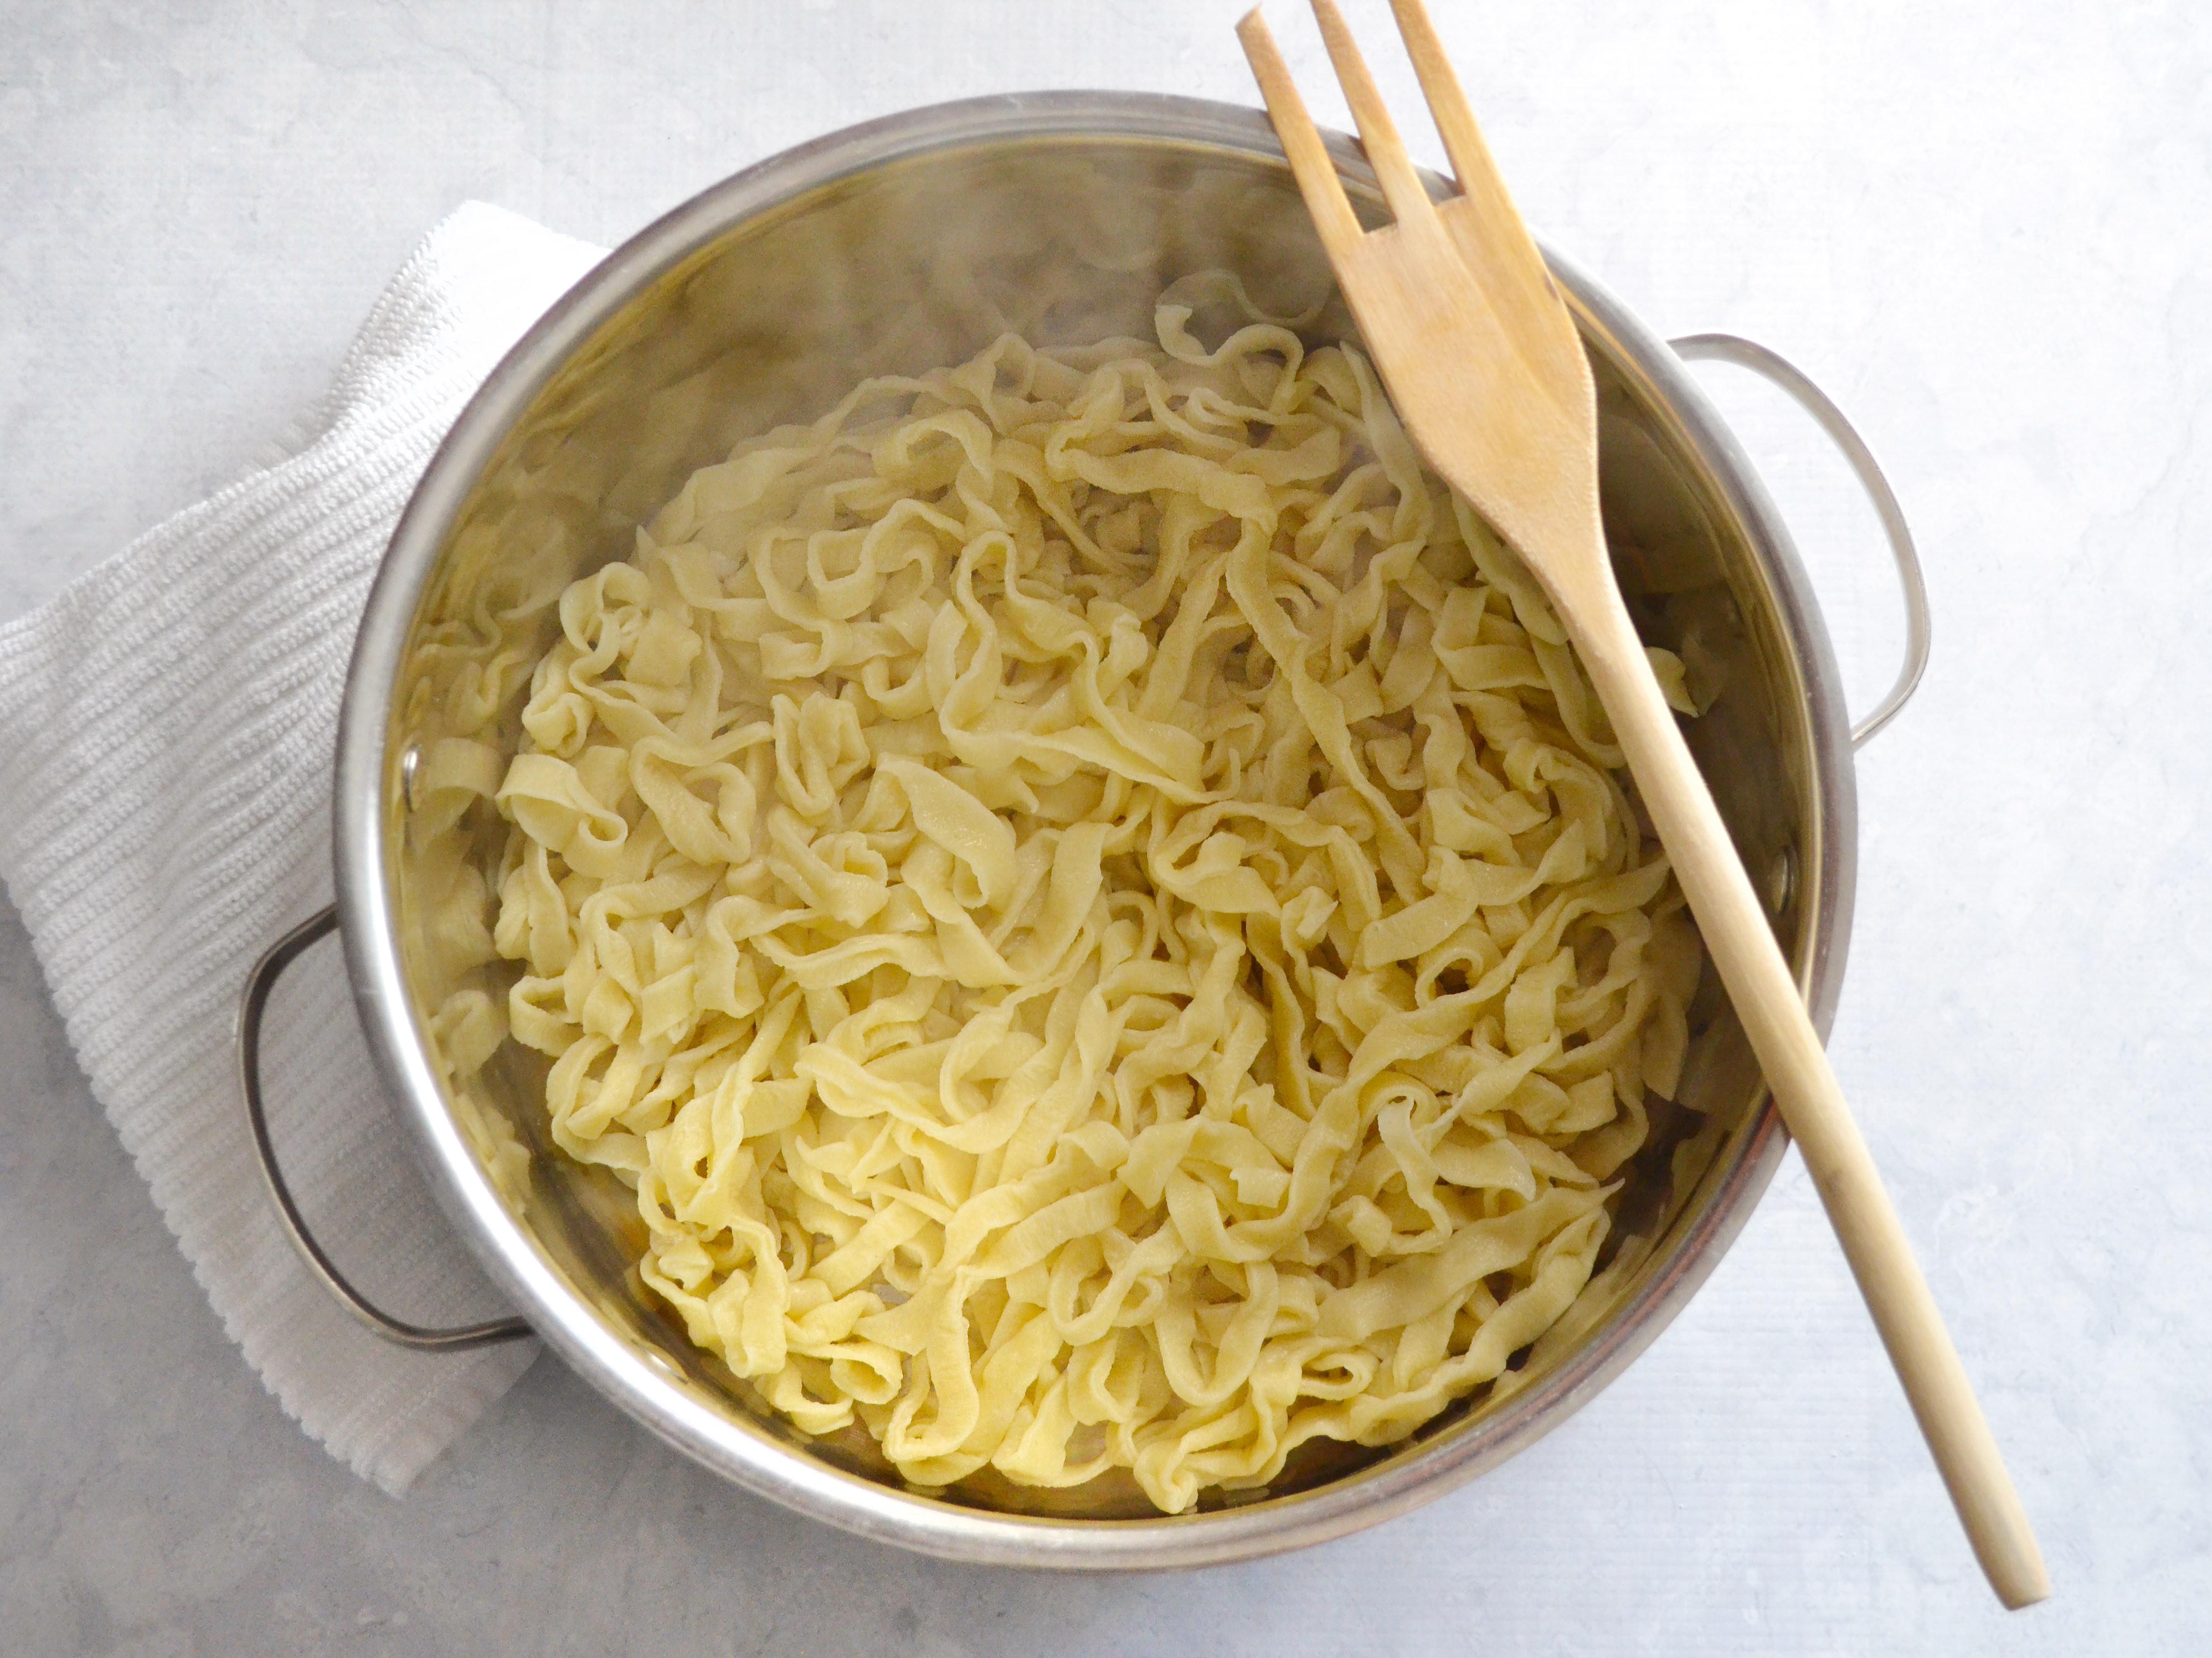 How To Make Homemade Pasta  How To Make Homemade Pasta Genius Kitchen